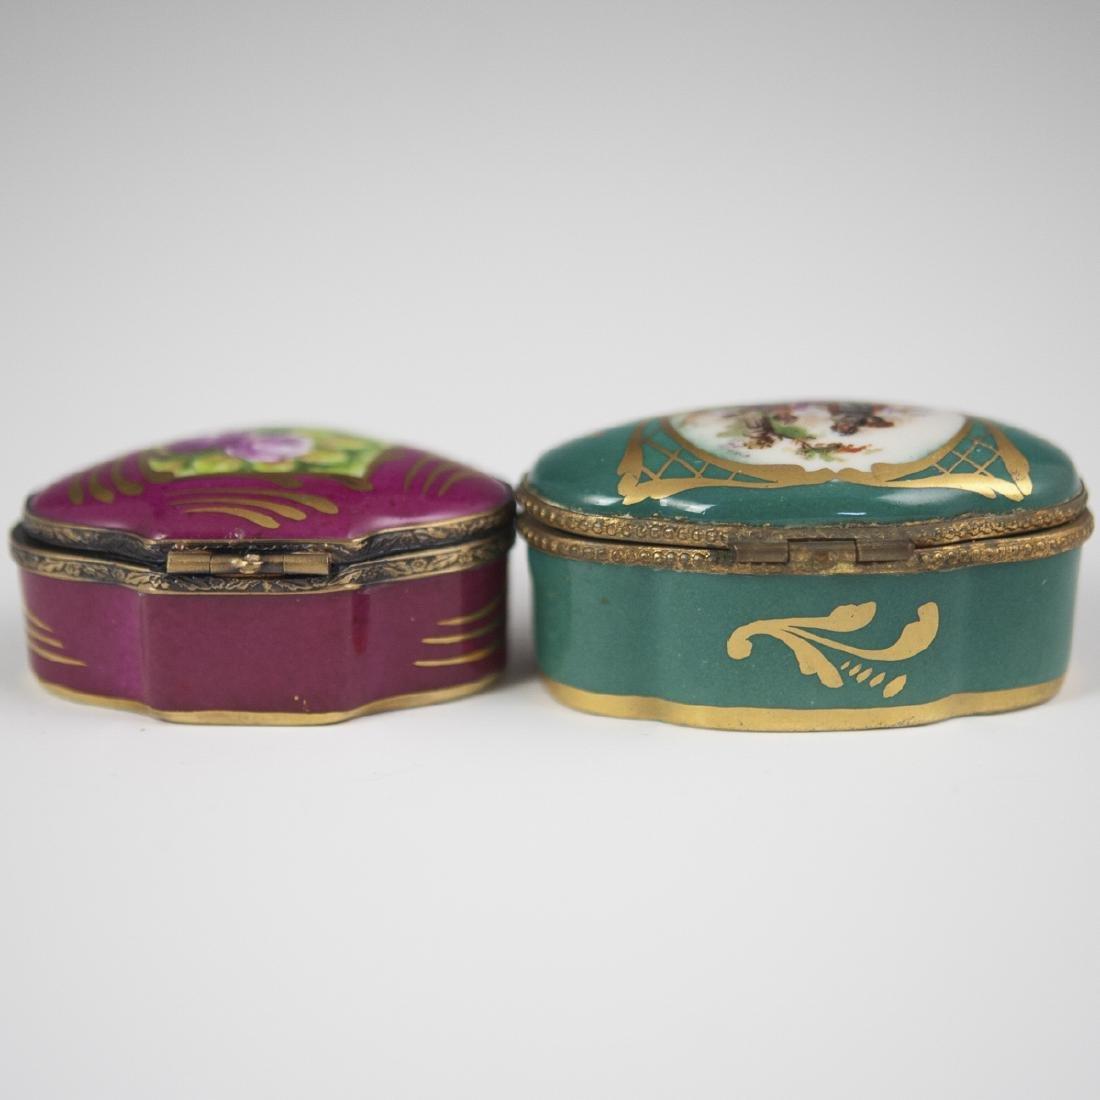 Limoges Porcelain Trinket Boxes - 4